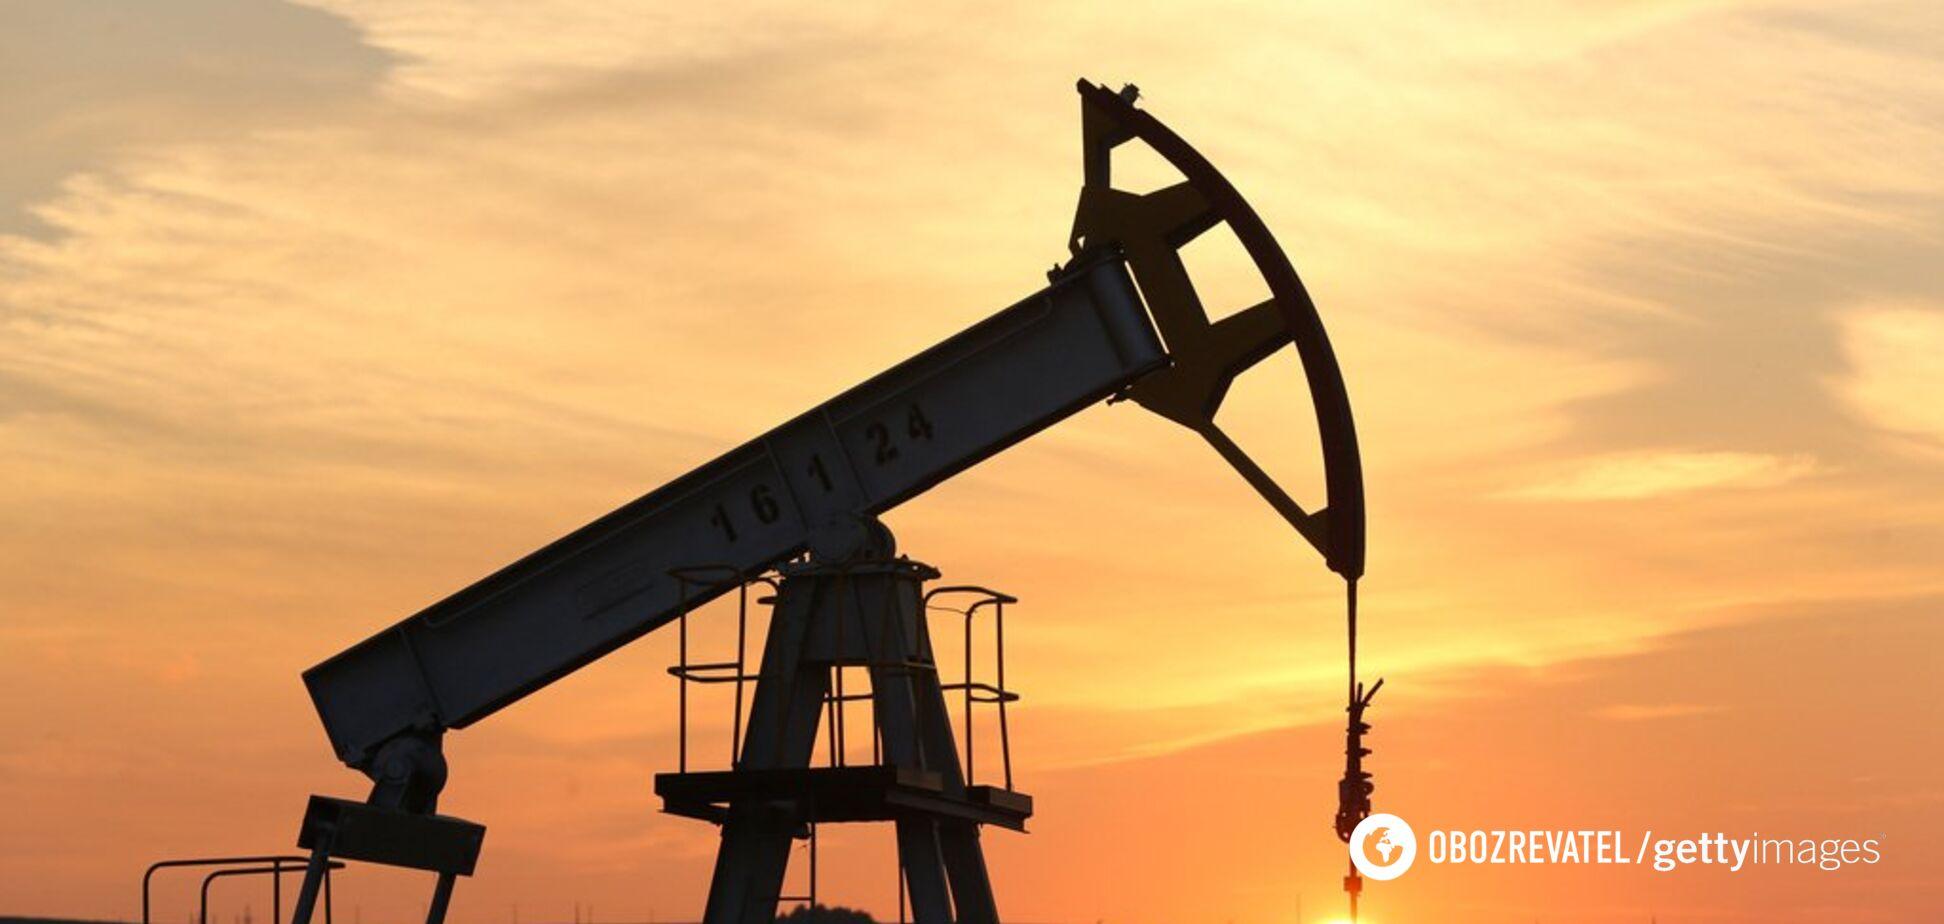 Мировые цены на нефть неожиданно начали снижаться: что произошло